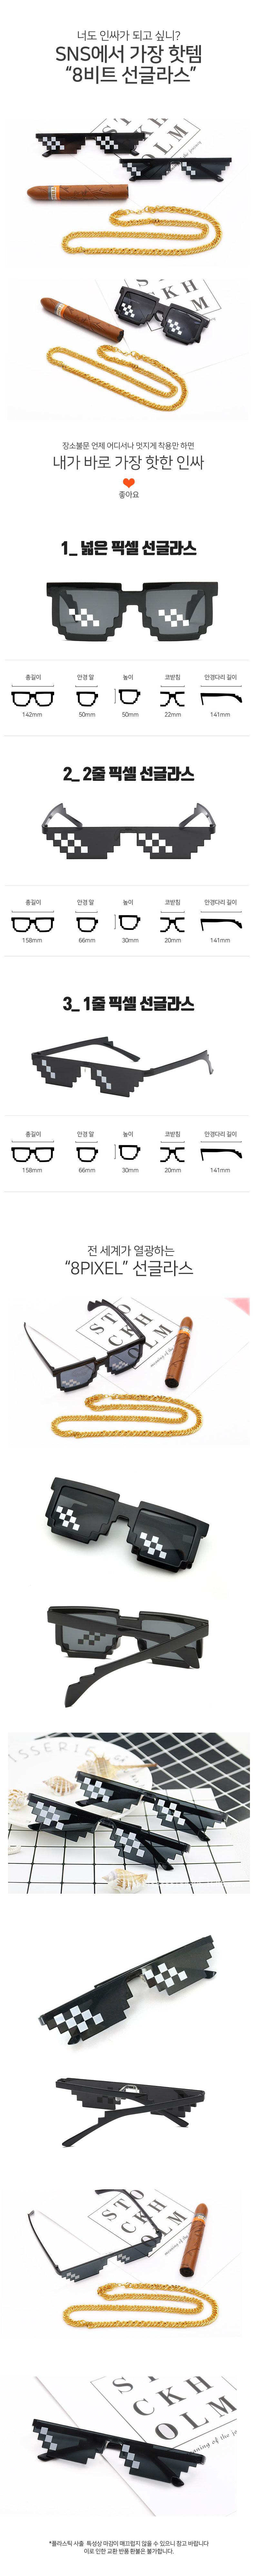 8비트 픽셀 떠그라이프 인싸 선글라스 안경 - 아이펀즈, 3,000원, 아이디어 상품, 아이디어 상품